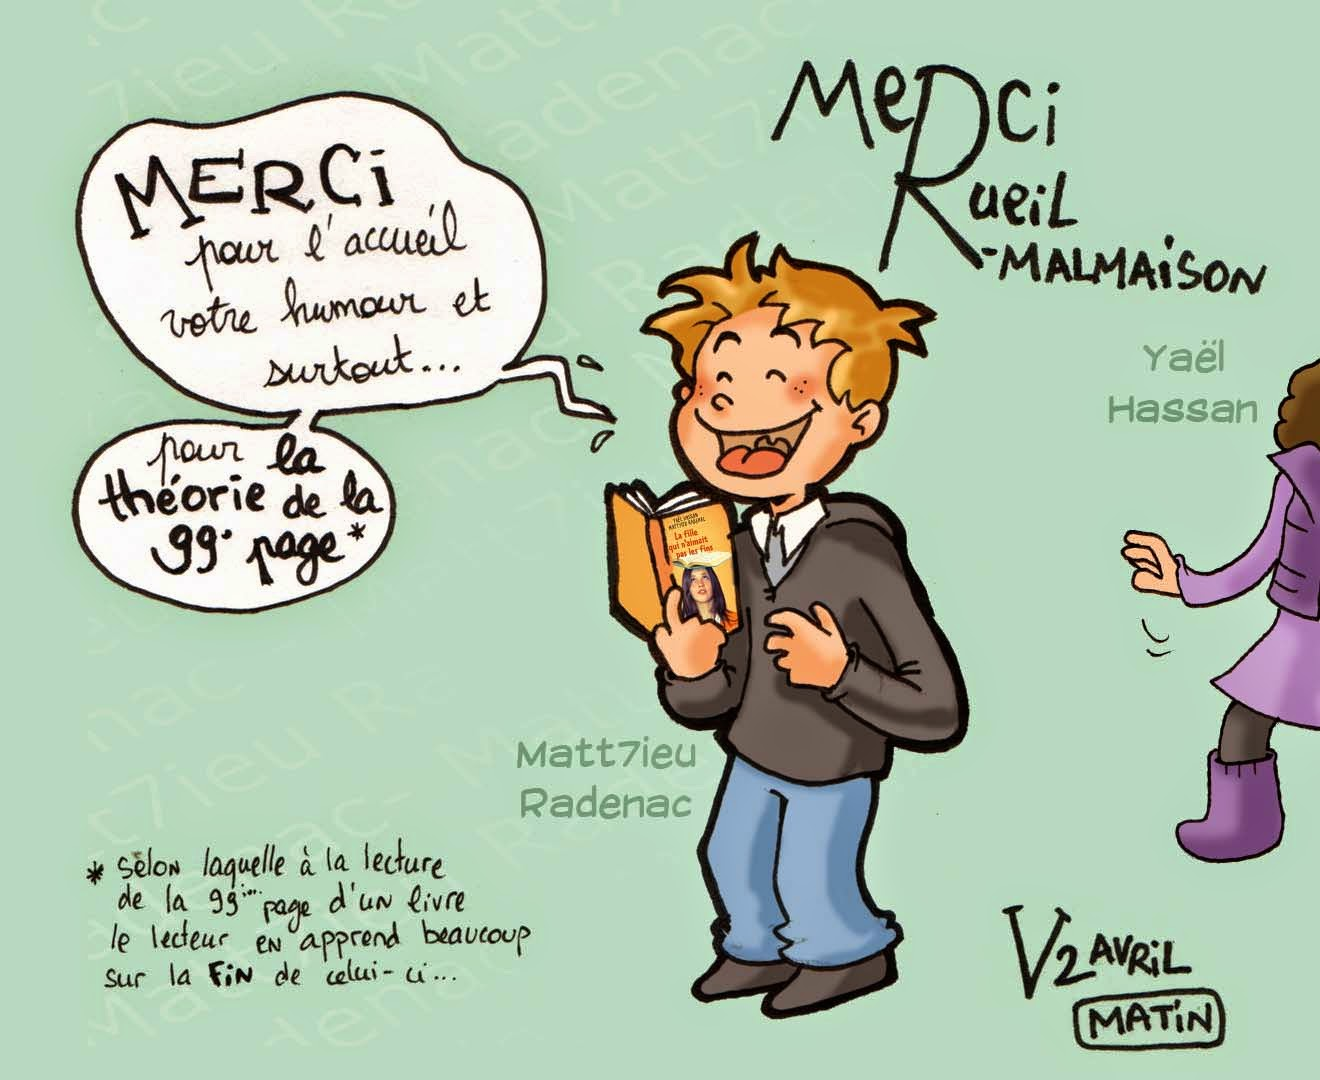 http://fluctuat.premiere.fr/Livres/News/Le-test-de-la-page-99-pour-savoir-si-un-livre-vous-plait-3236386